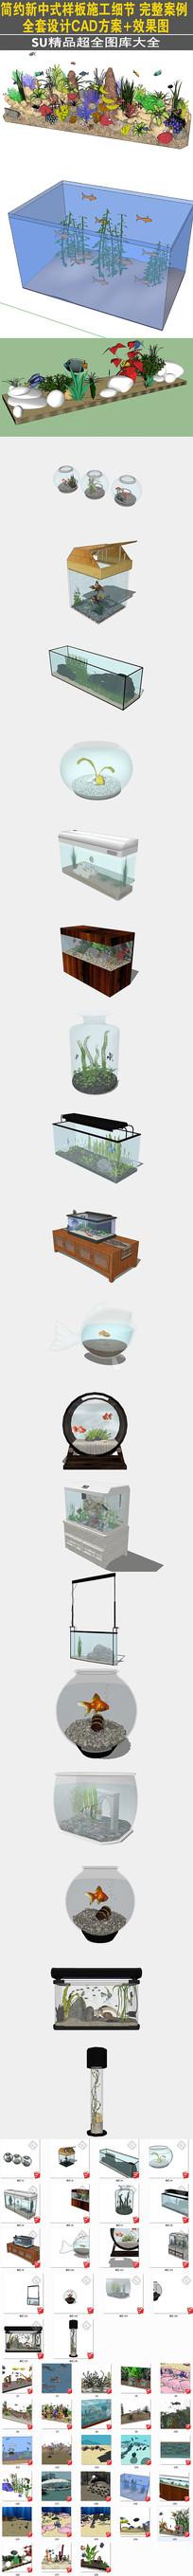 玻璃鱼缸水族馆SU模型玄关柜鱼缸柜